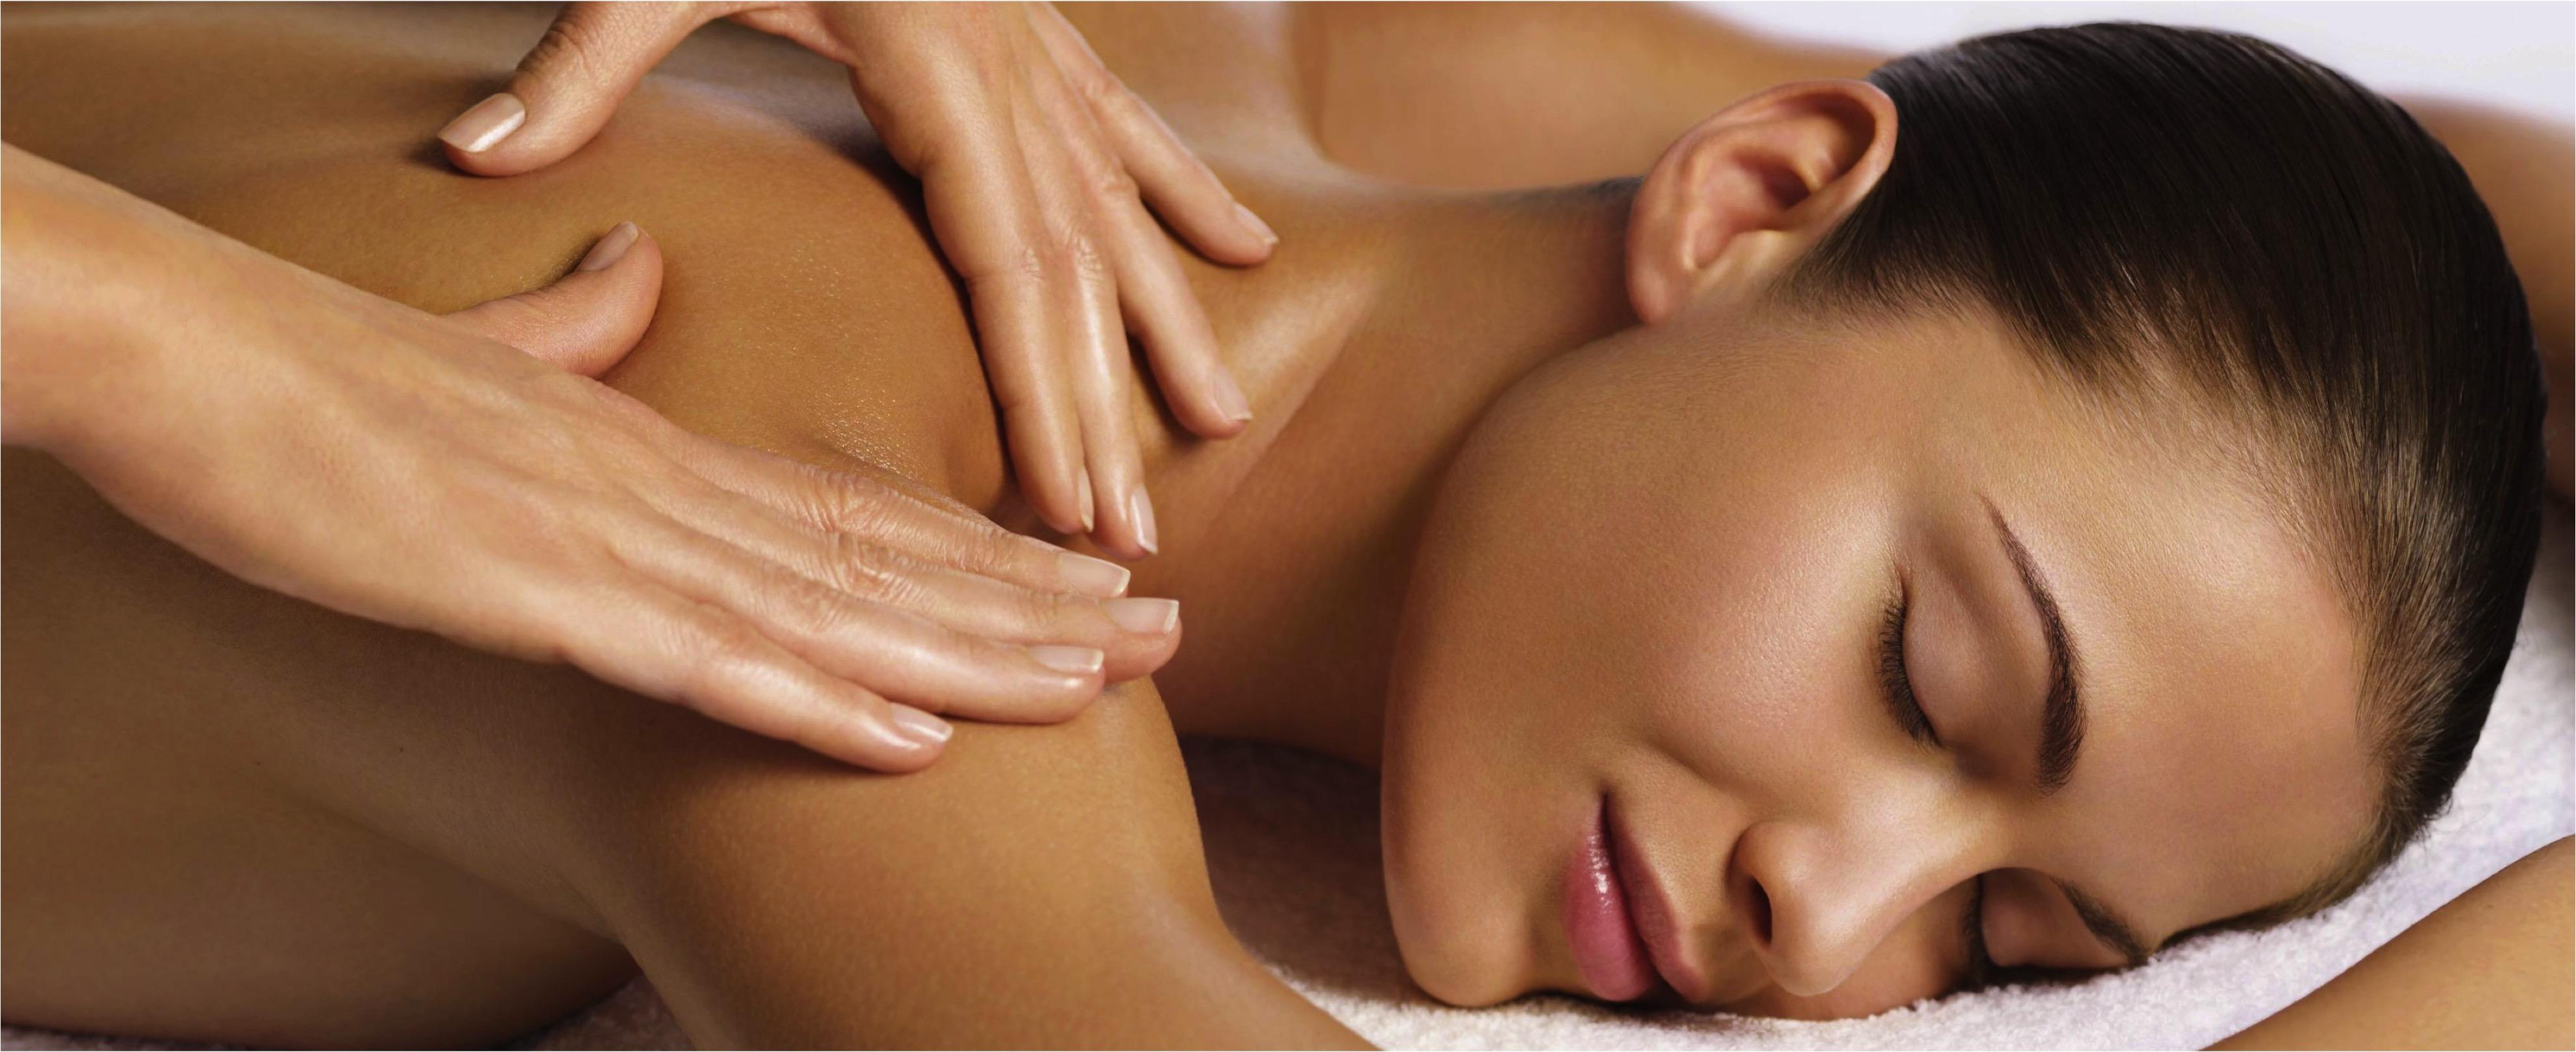 Massaggi Ayurveda, Trattamenti Naturali e Olistici